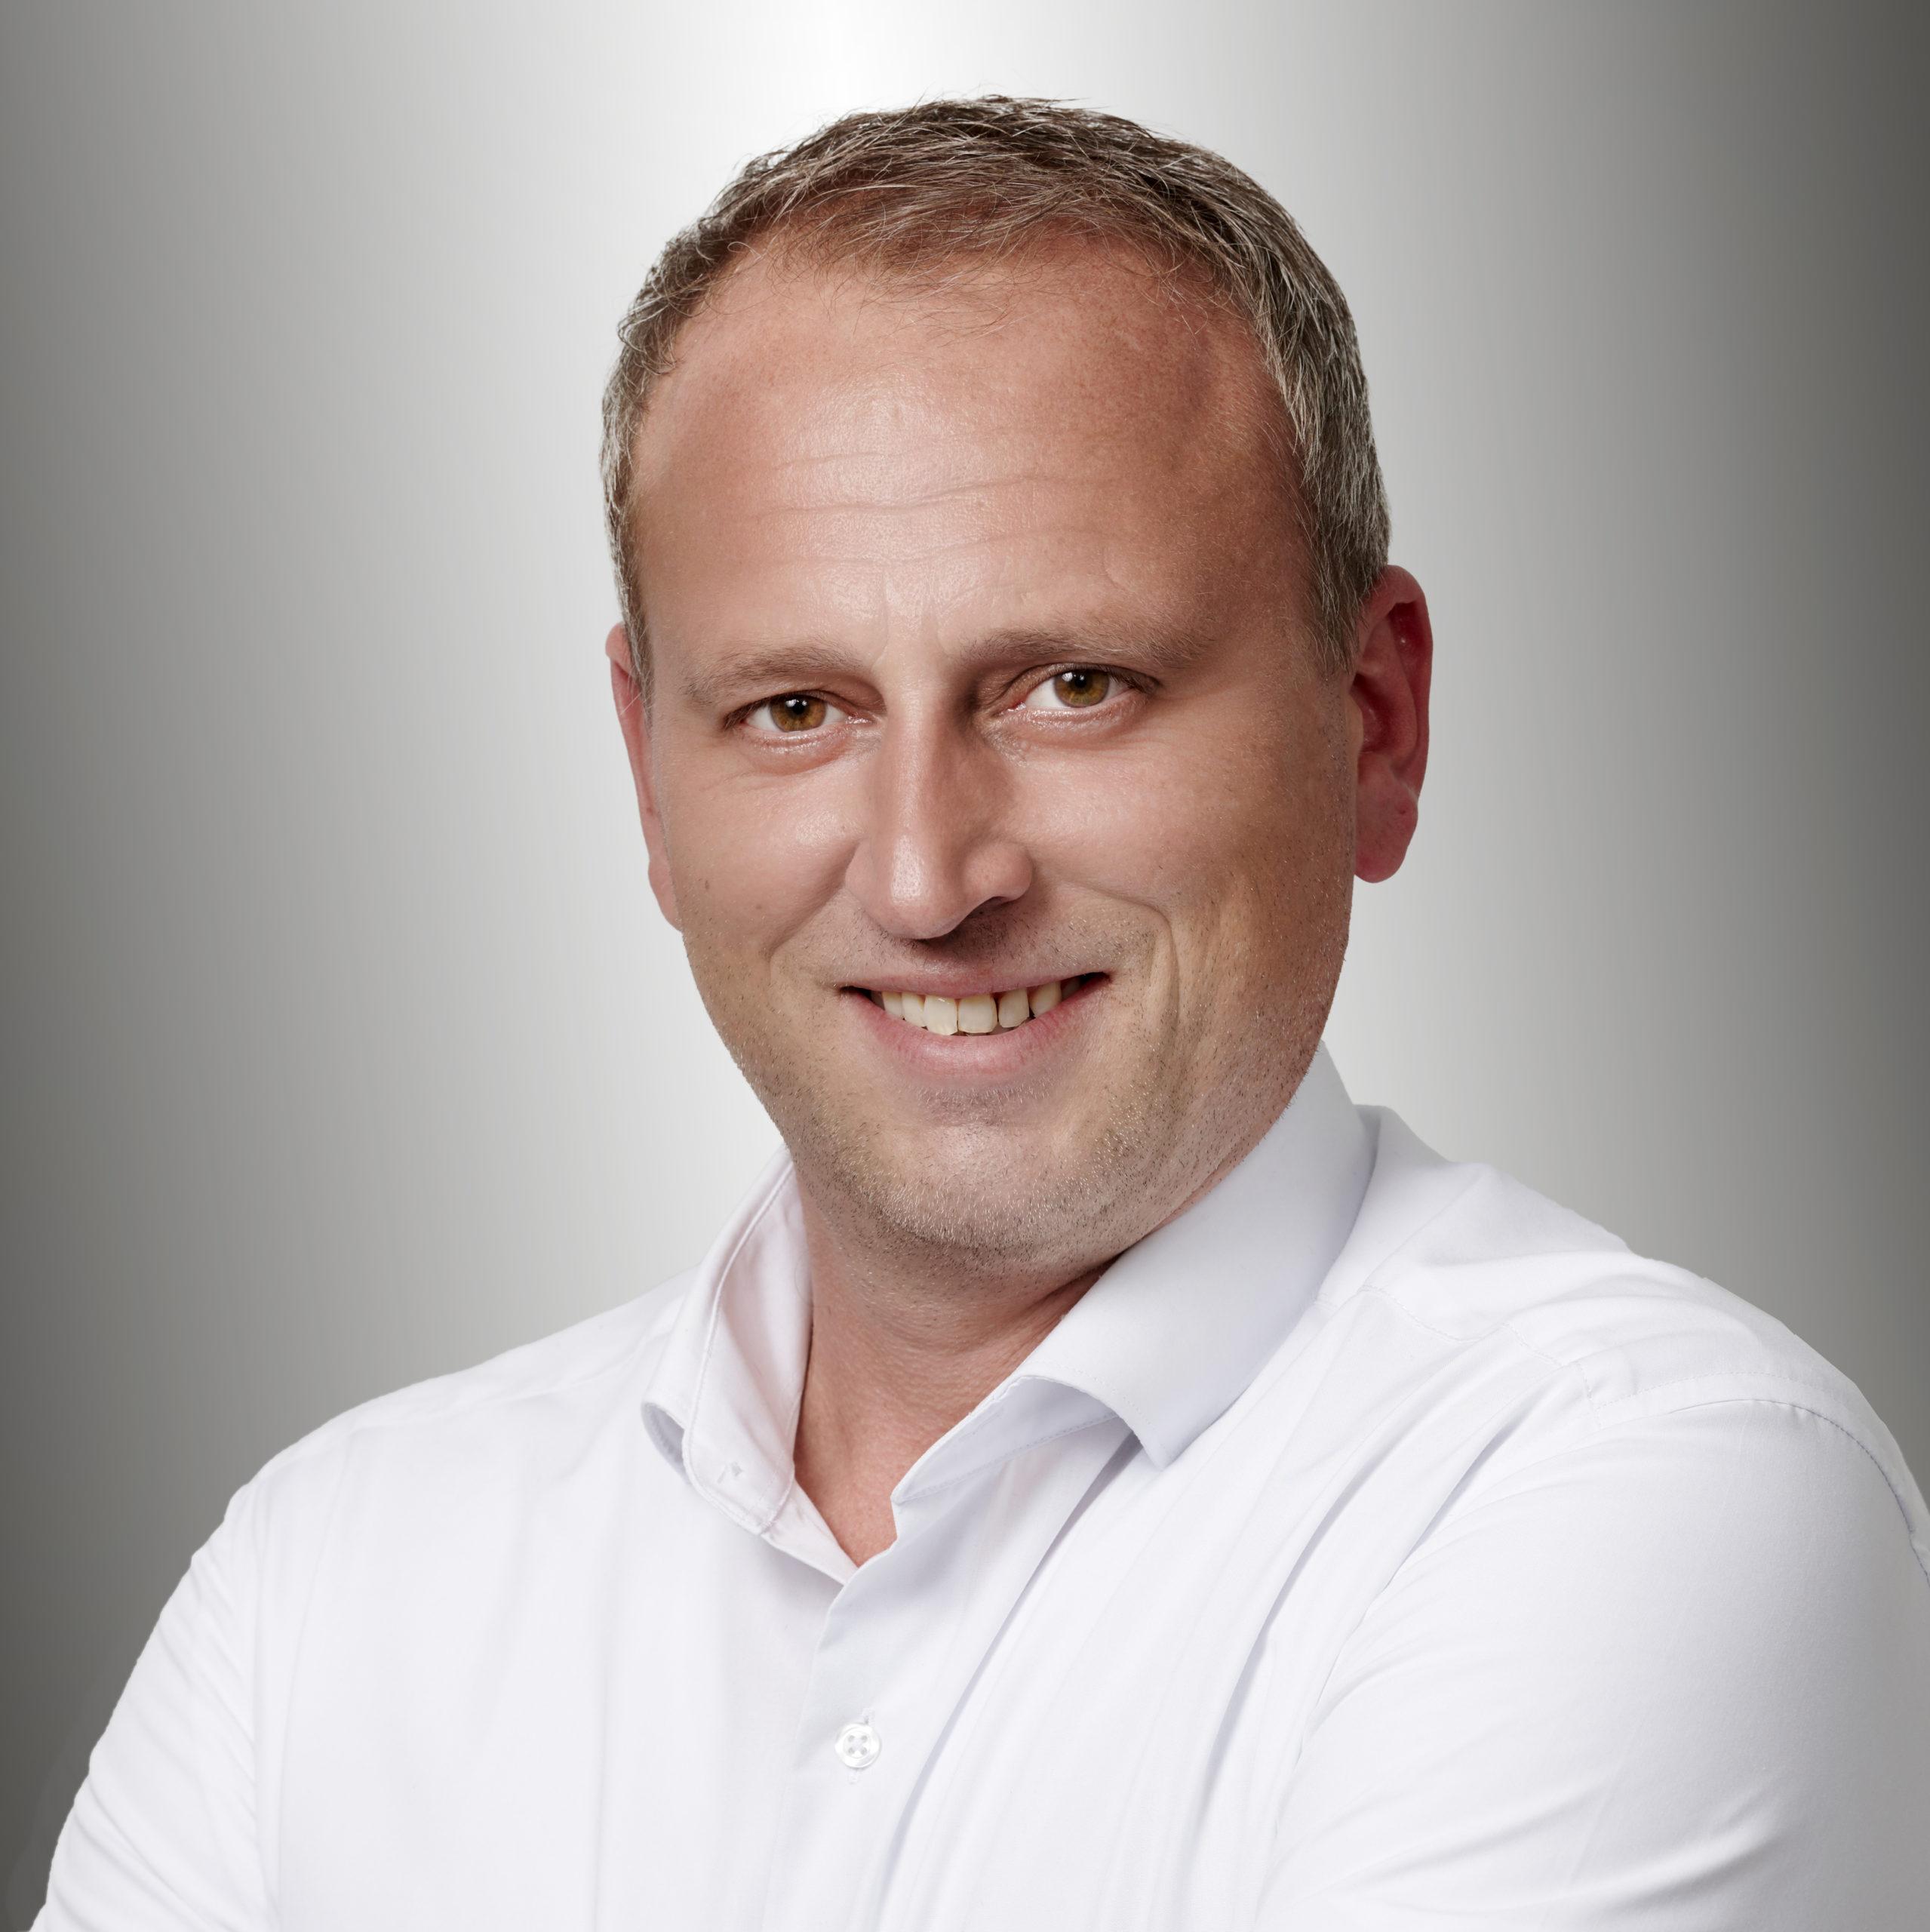 Thomas Seebauer